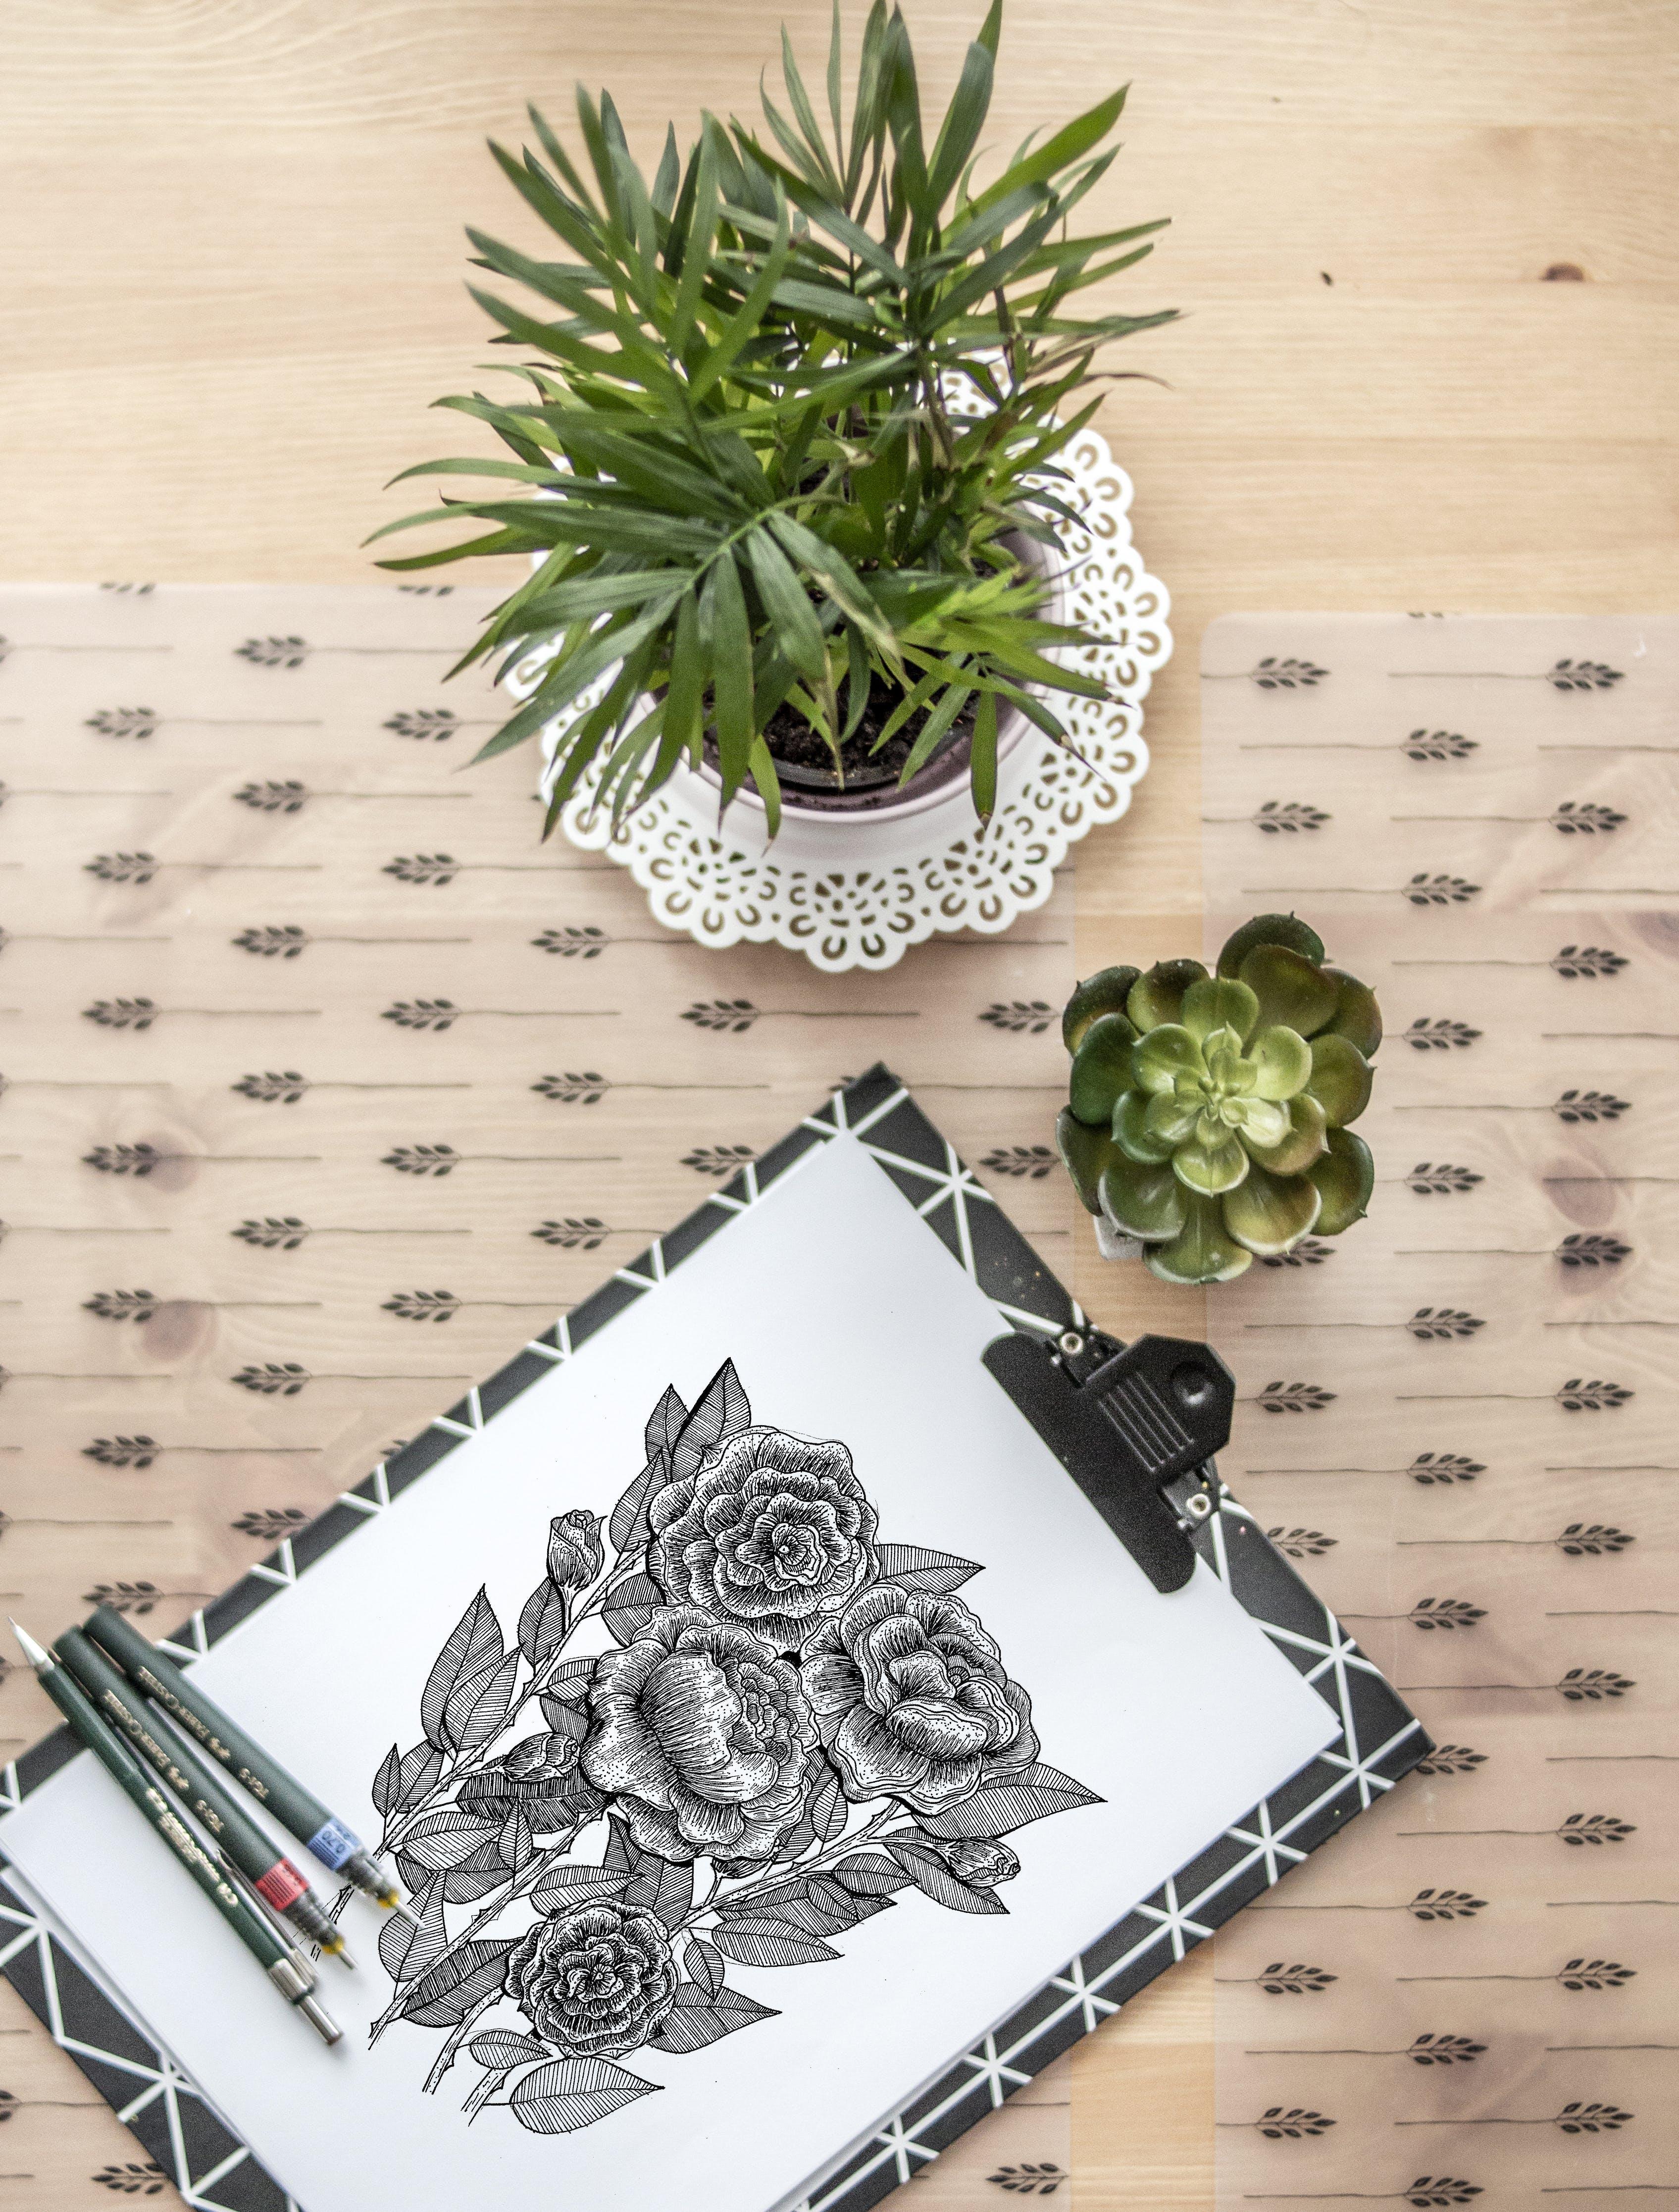 Kostenloses Stock Foto zu blume, dokument, drinnen, flora